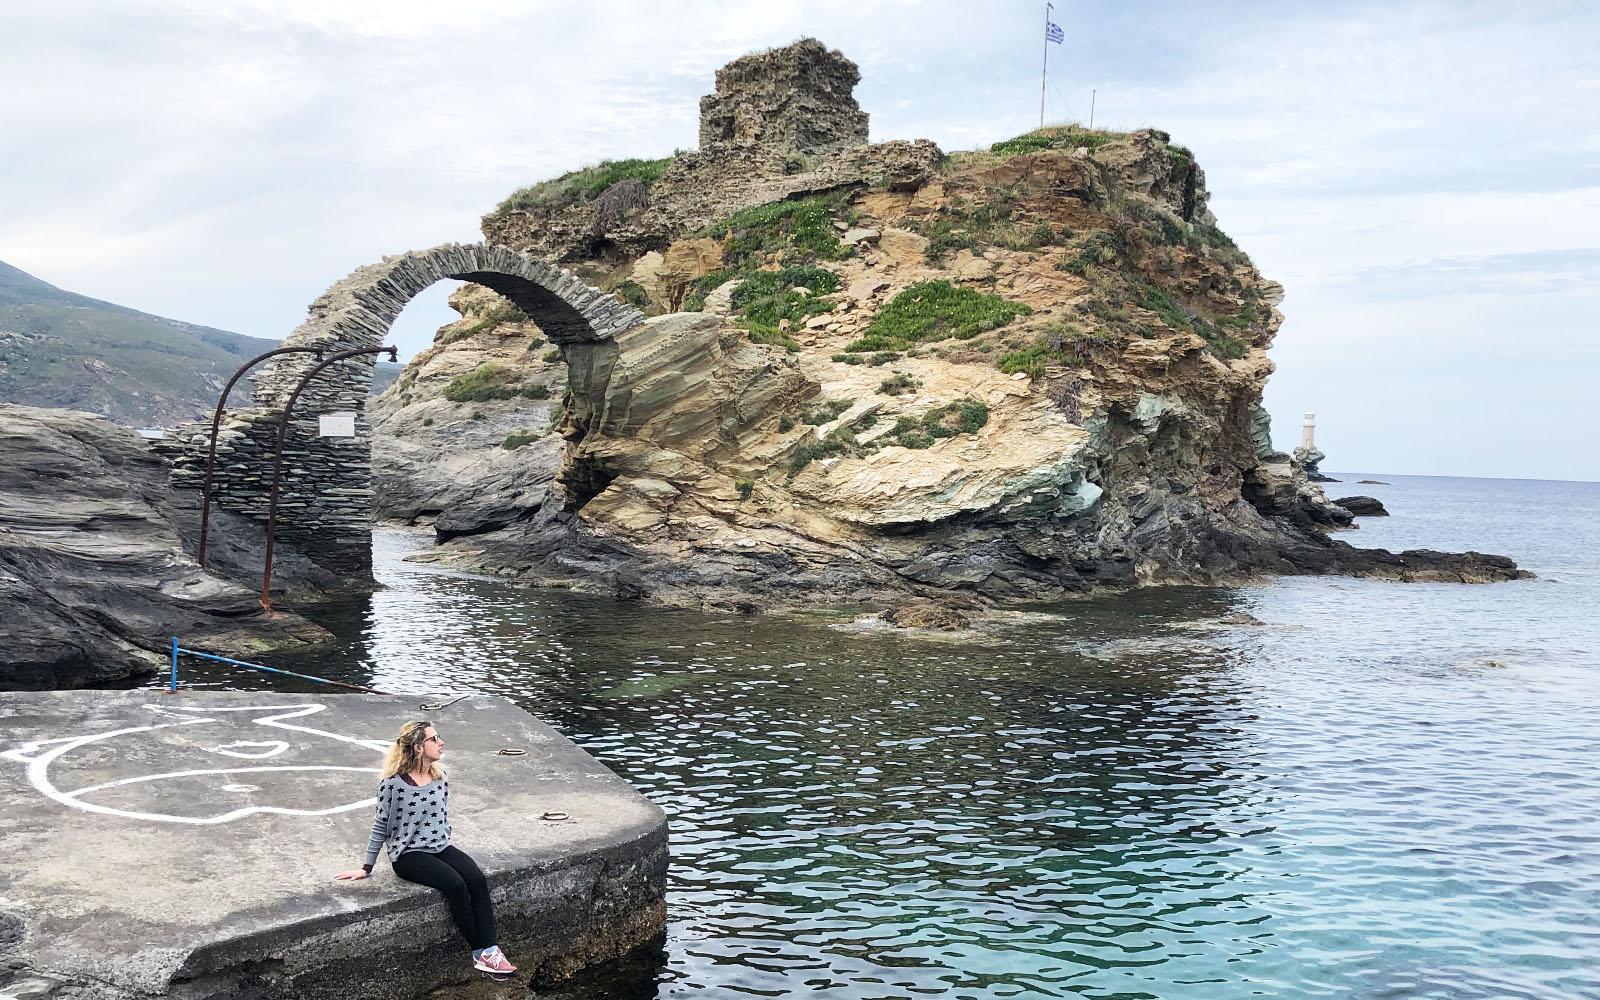 La roccia che si erge di fronte alla piazza del marinaio ignoto, a Chora.